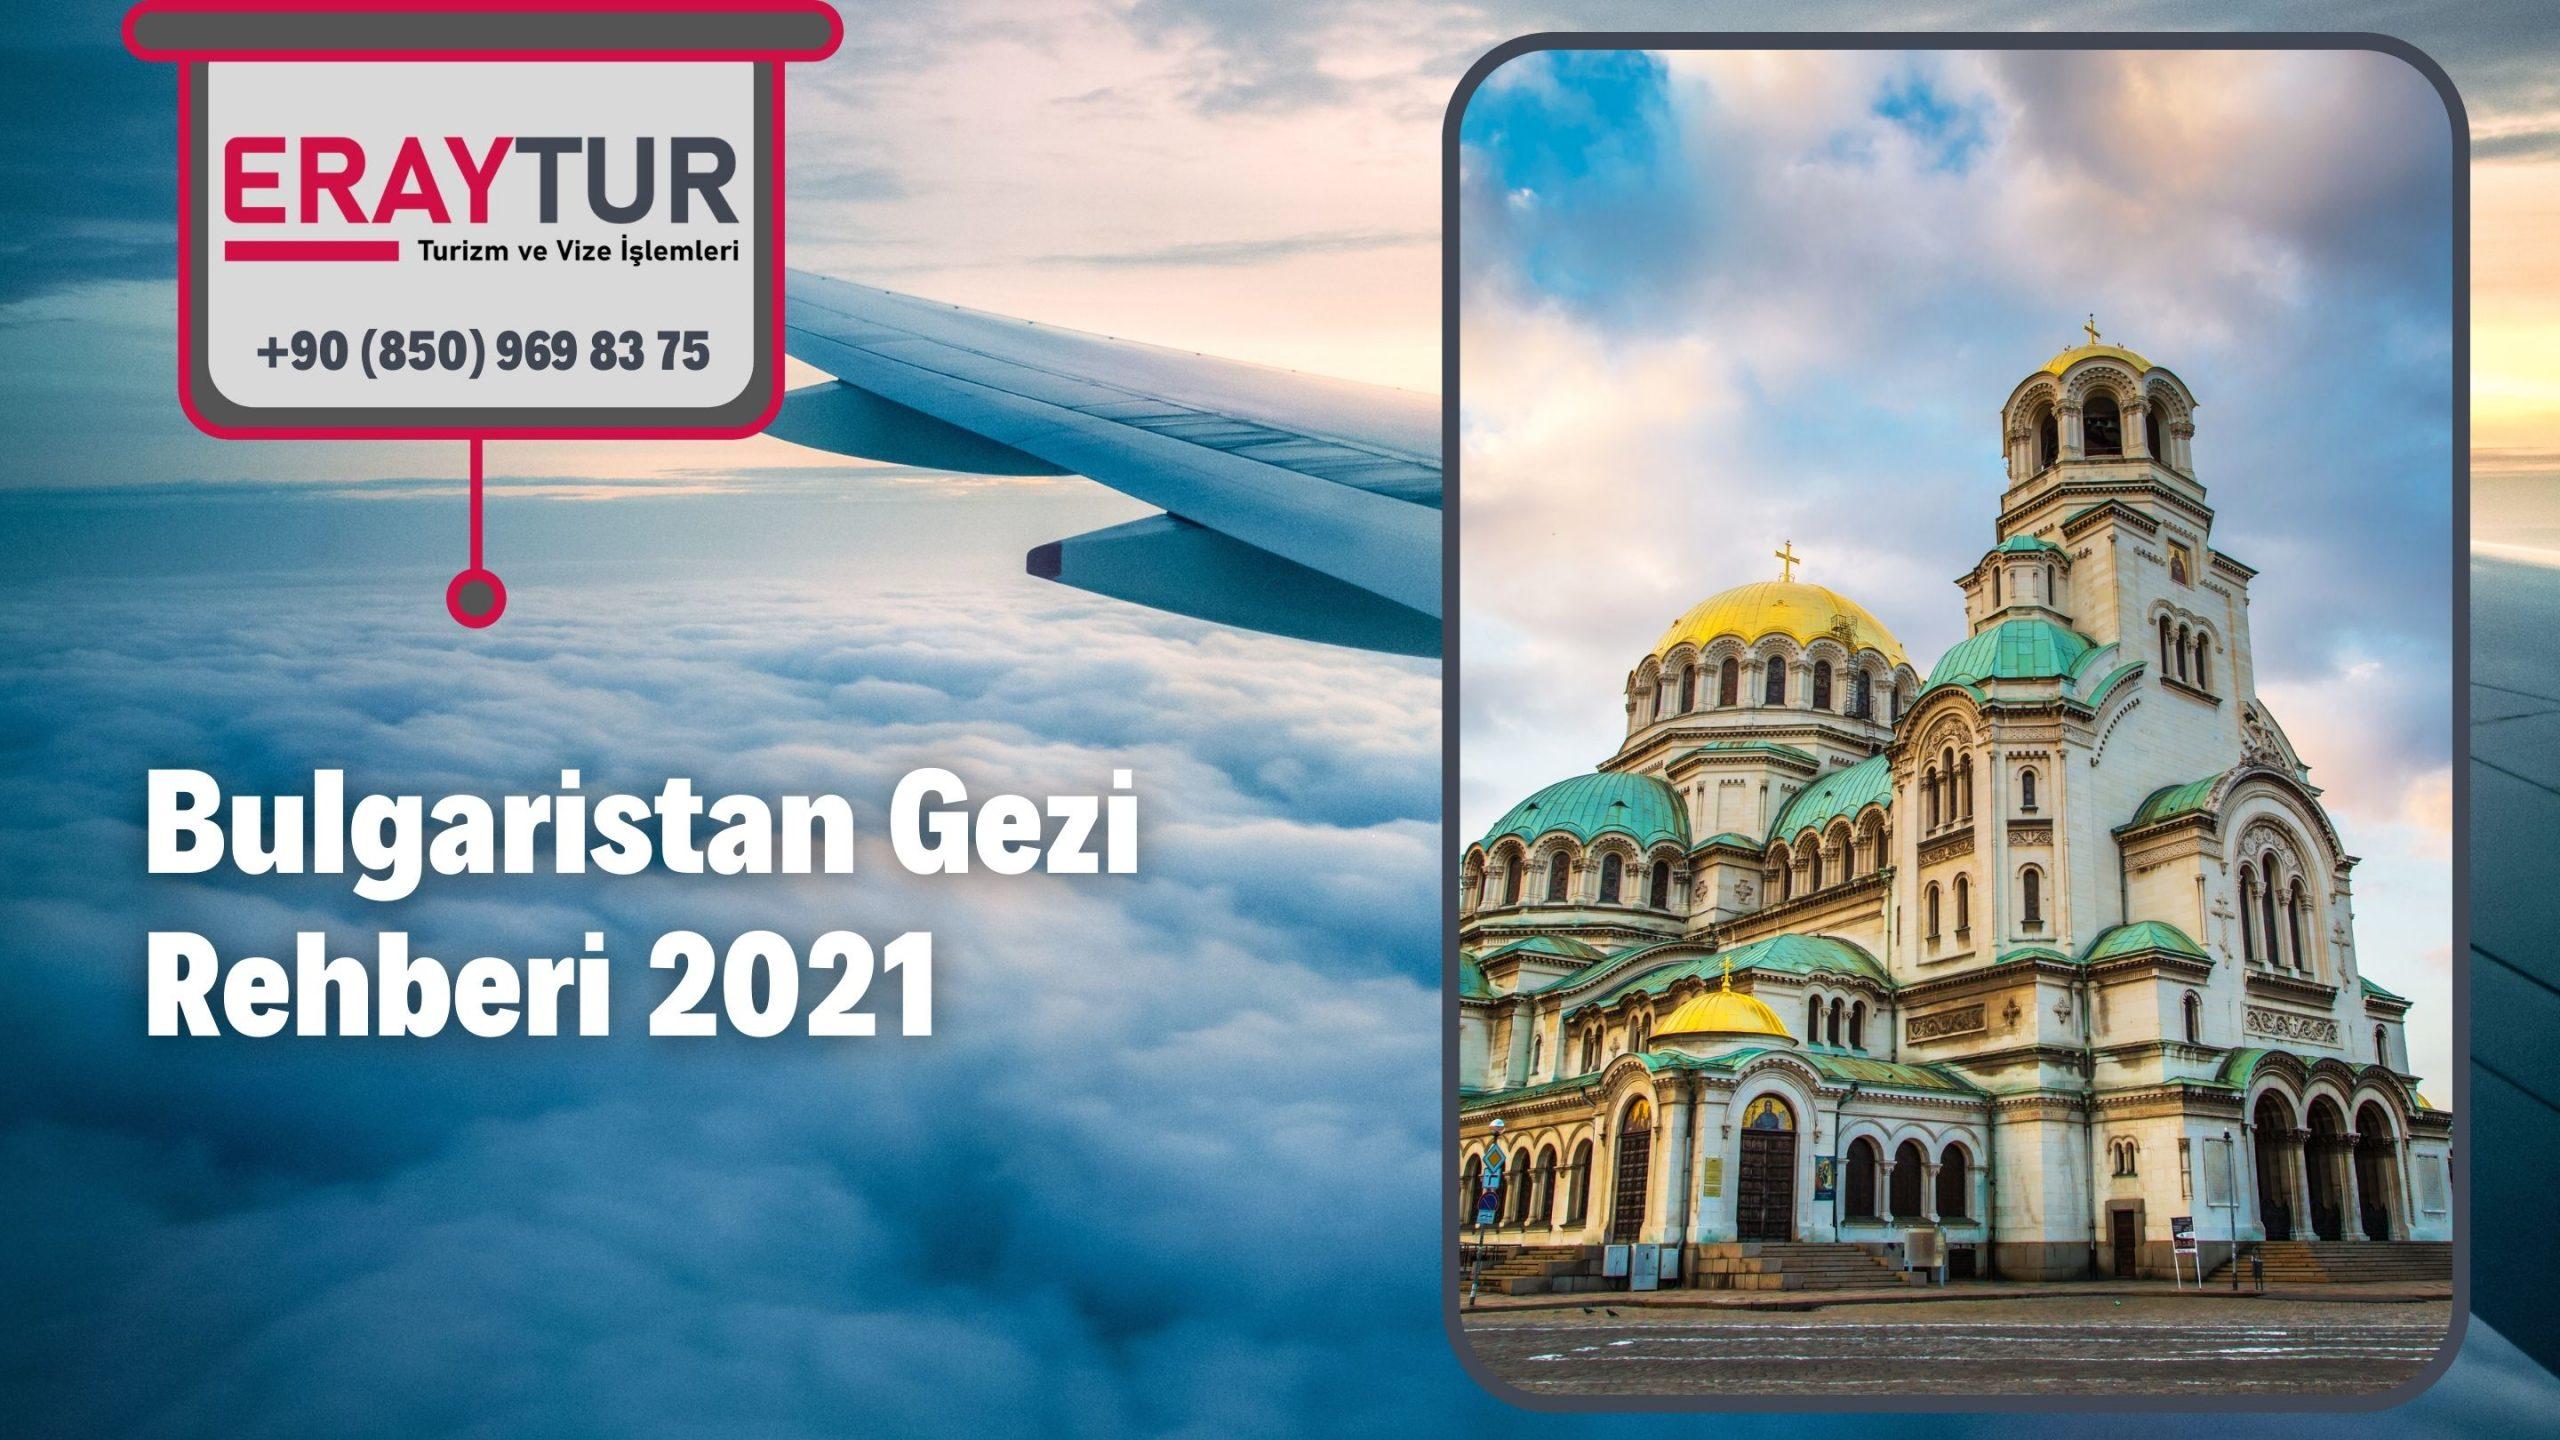 Bulgaristan Gezi Rehberi 2021